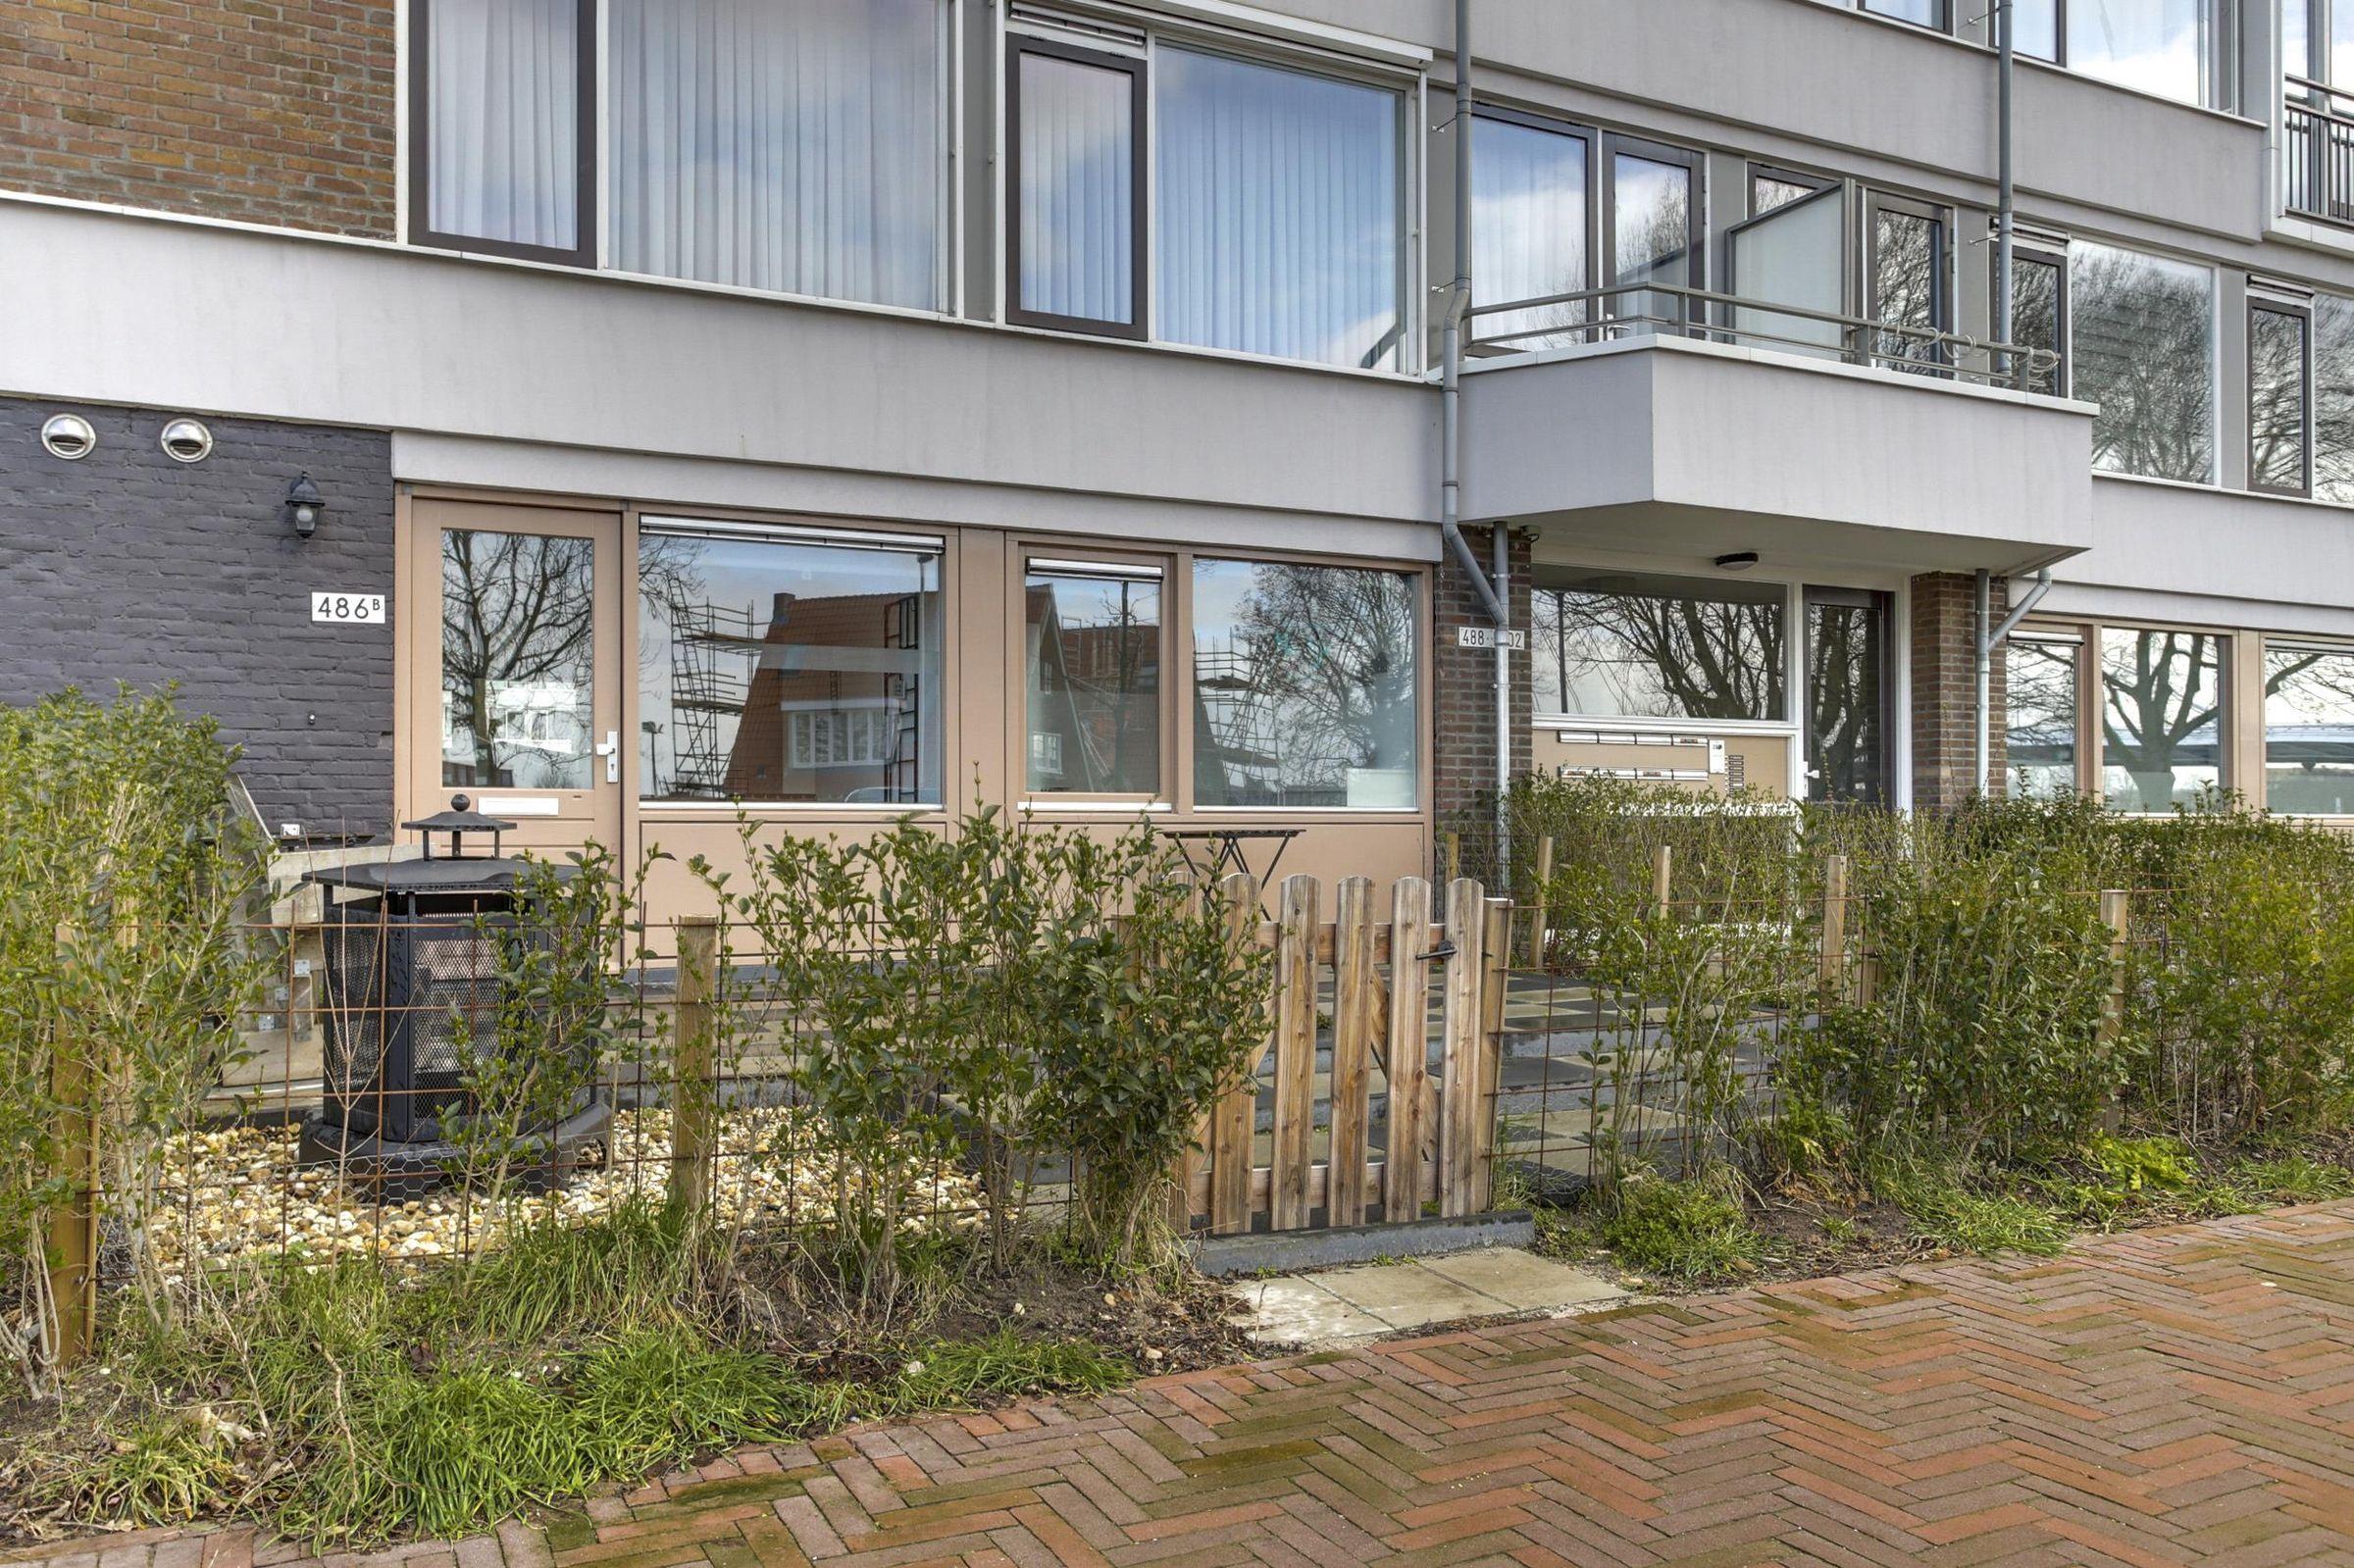 Rooseveltlaan 486B, Utrecht